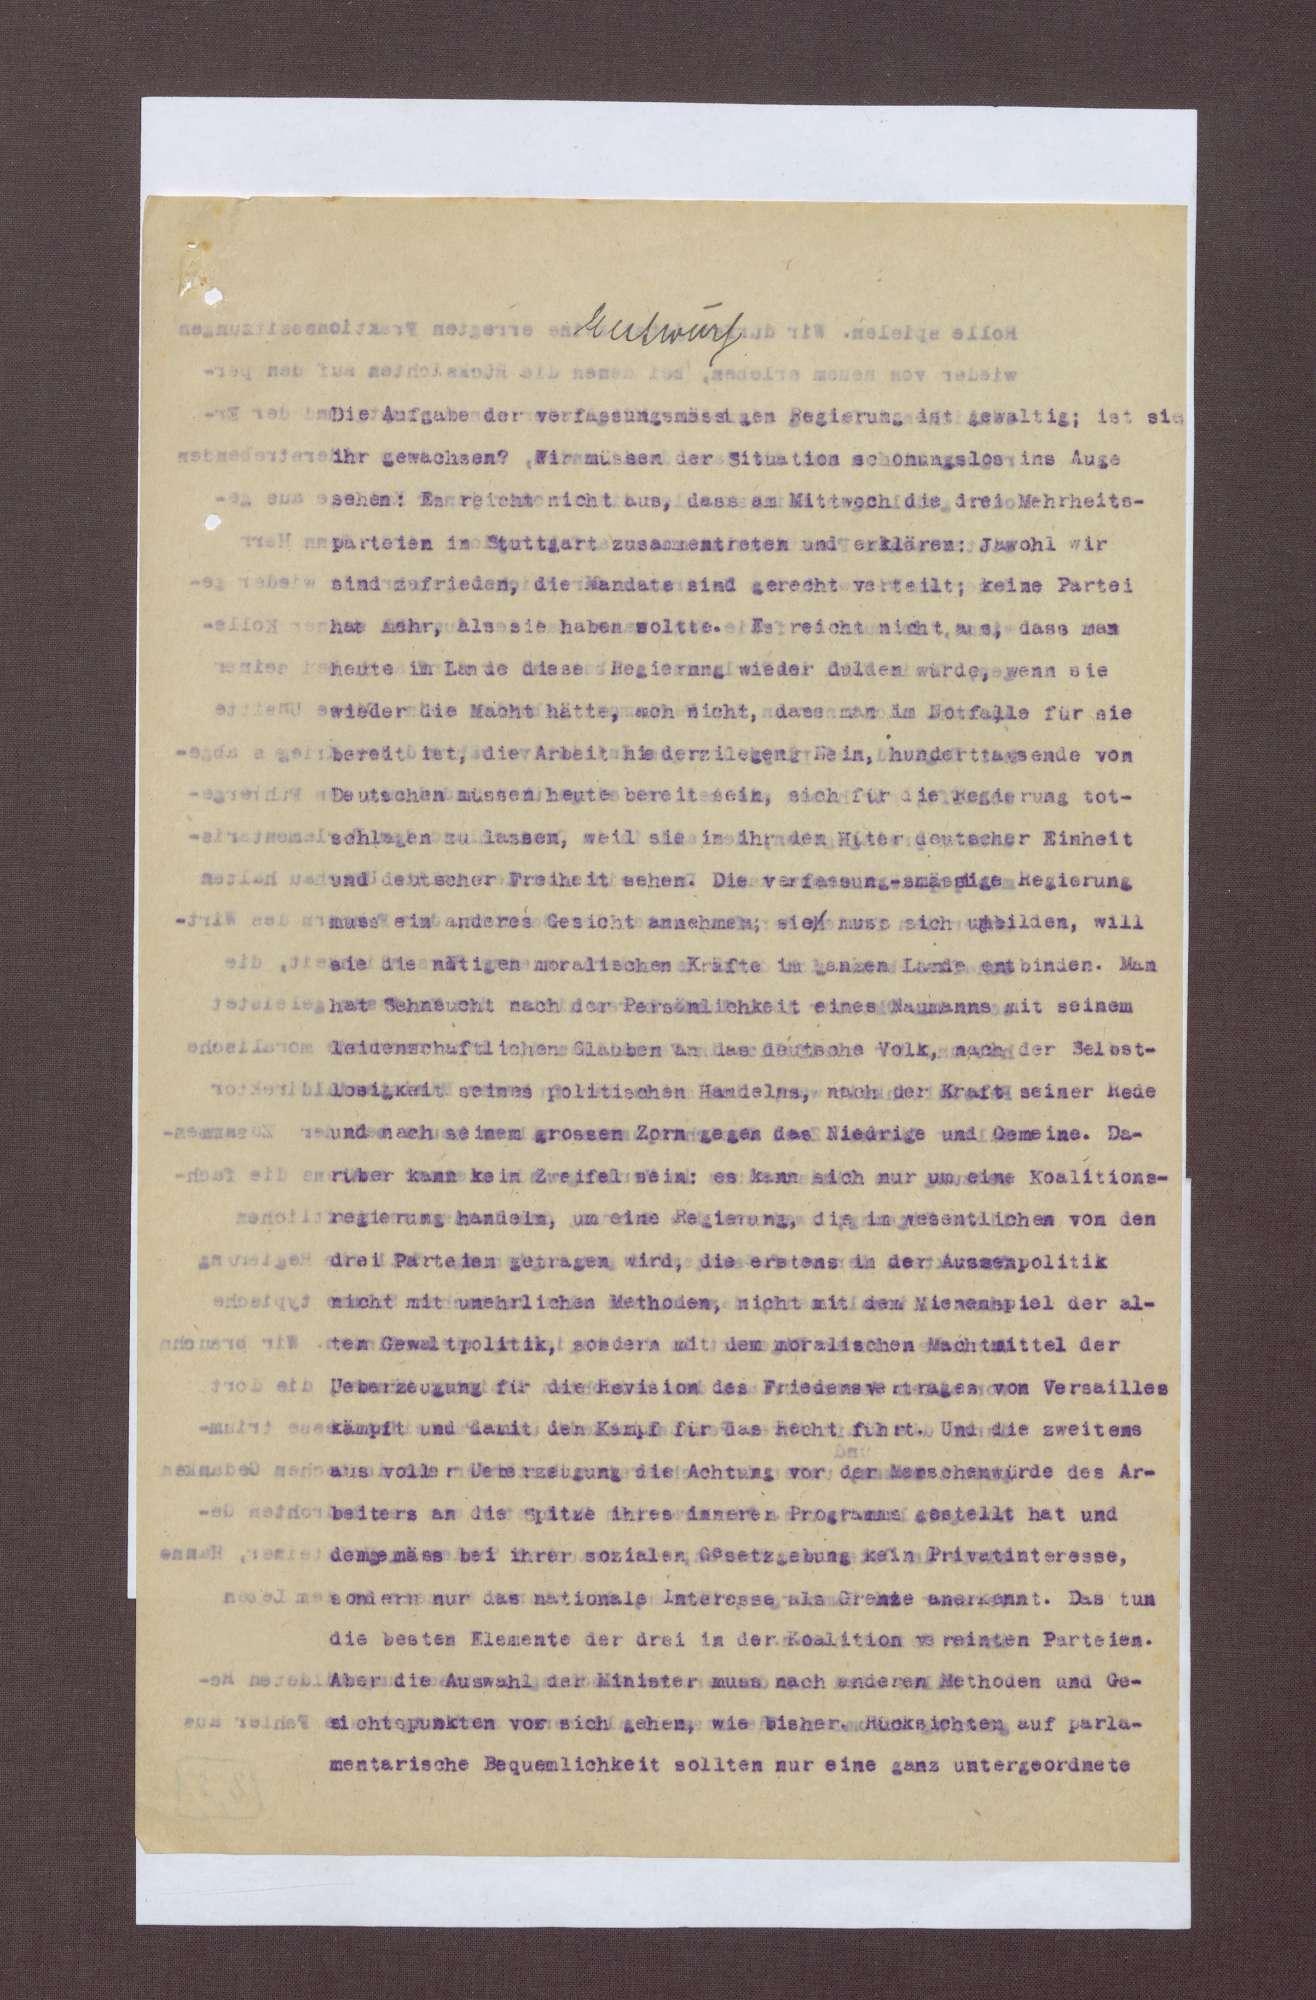 Entwürfe zur notwendigen Reaktion der Reichsreagierung auf den Kapp-Putsch, Bild 3